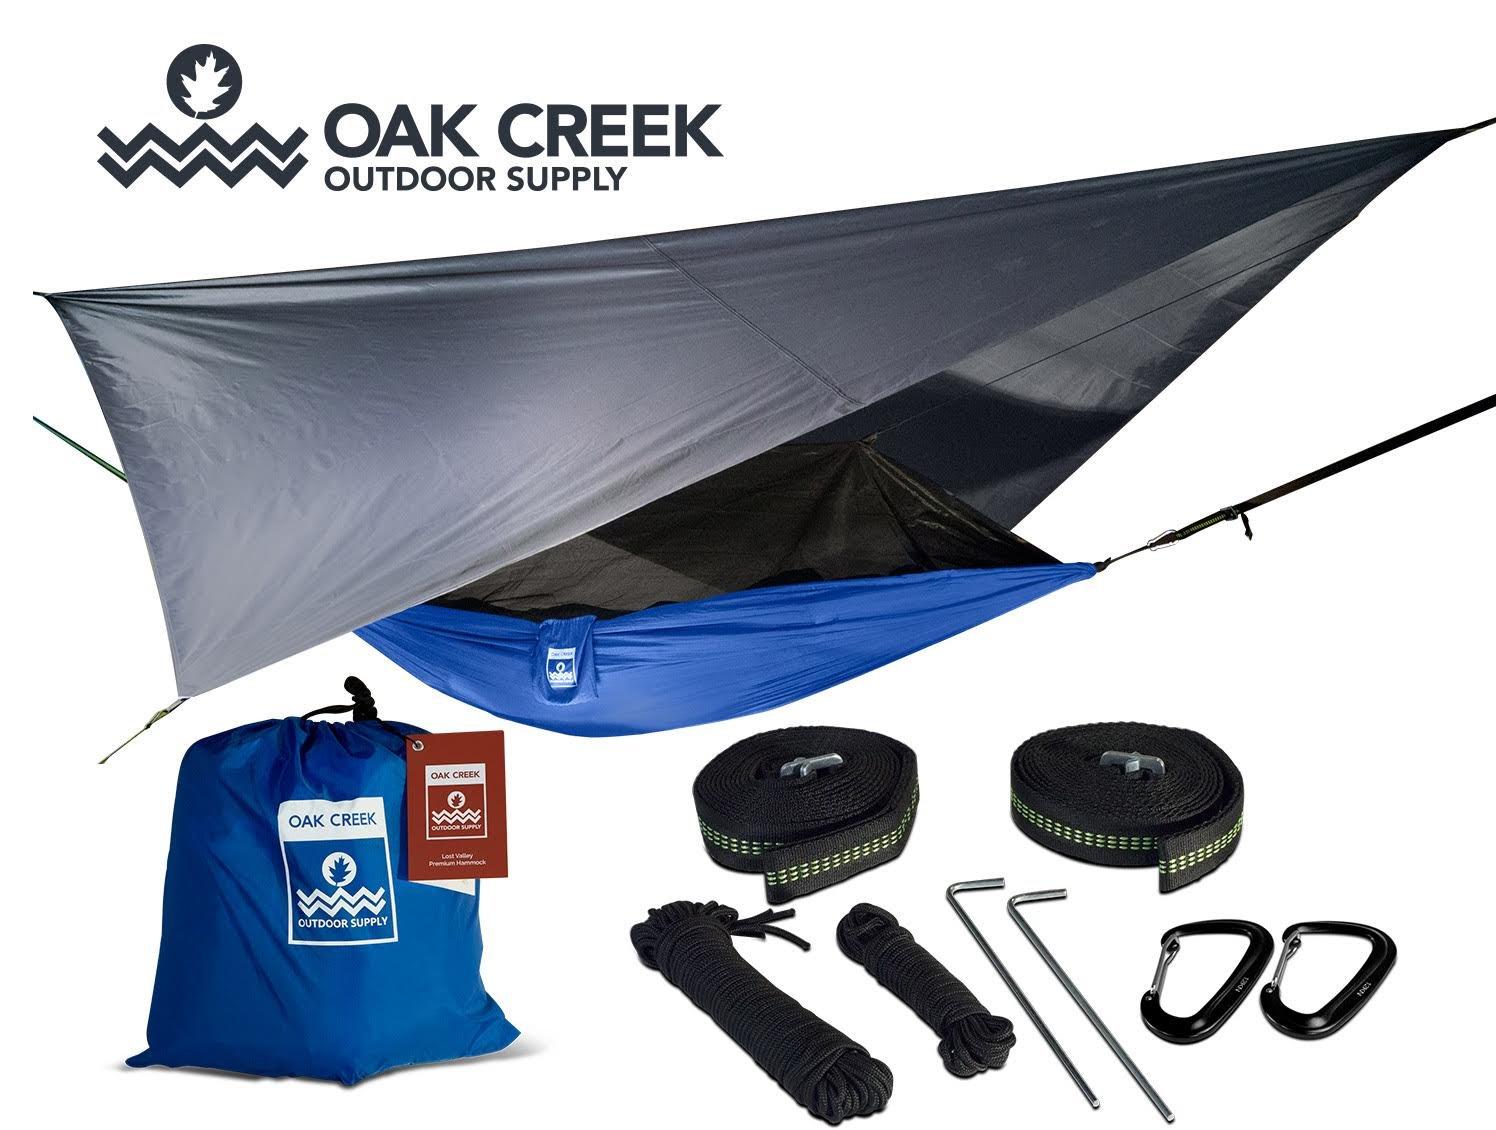 Valley Camping Hammock